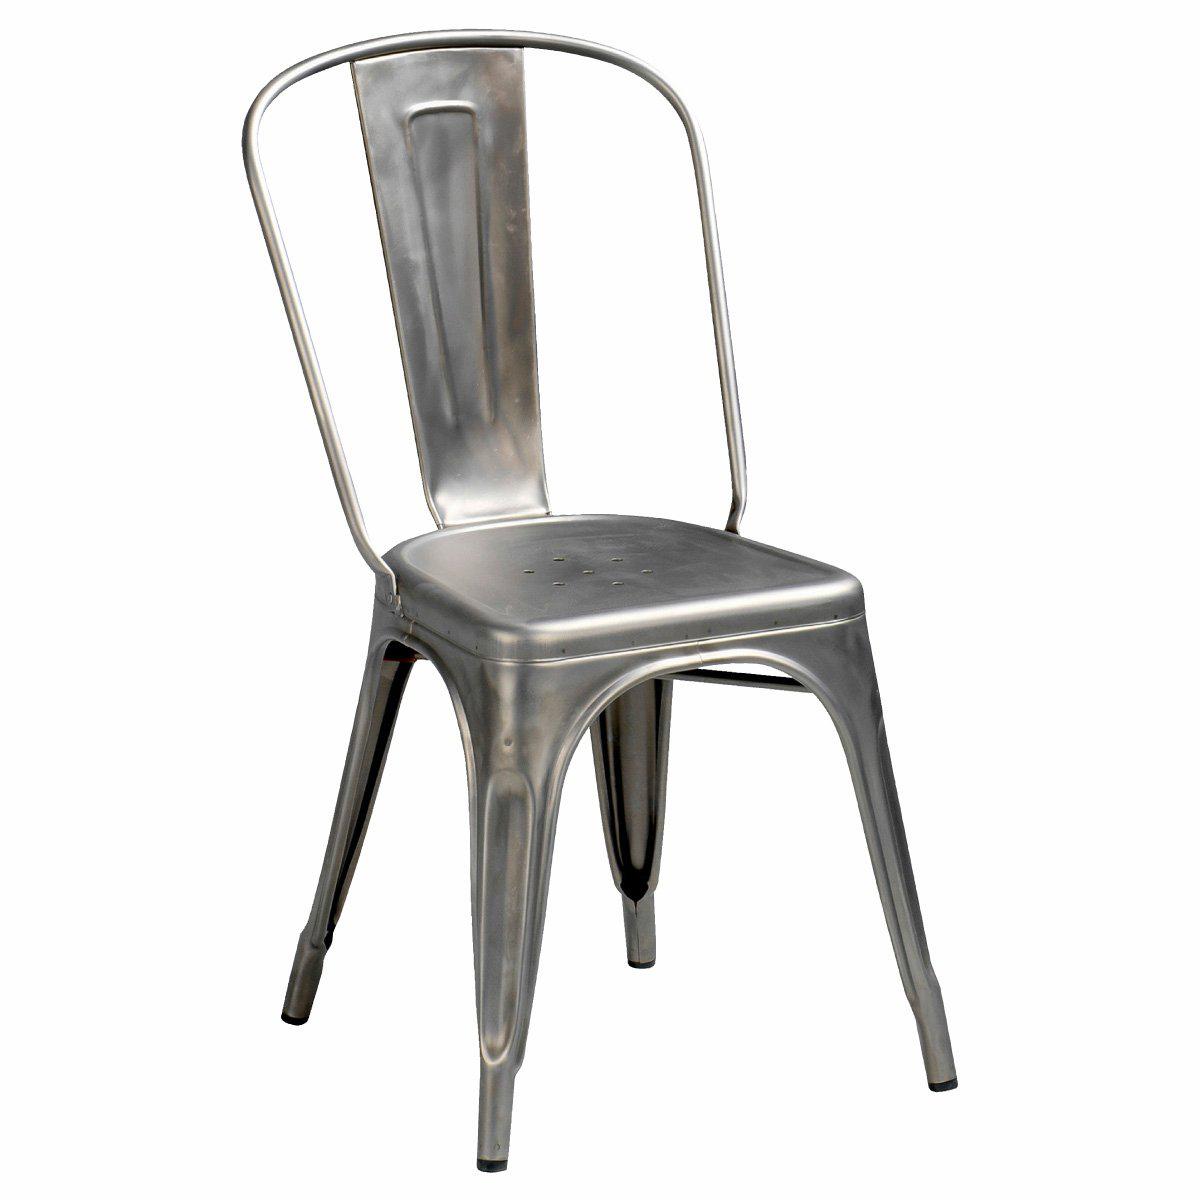 Chaise industrielle pas cher - Chaise metal pas cher ...